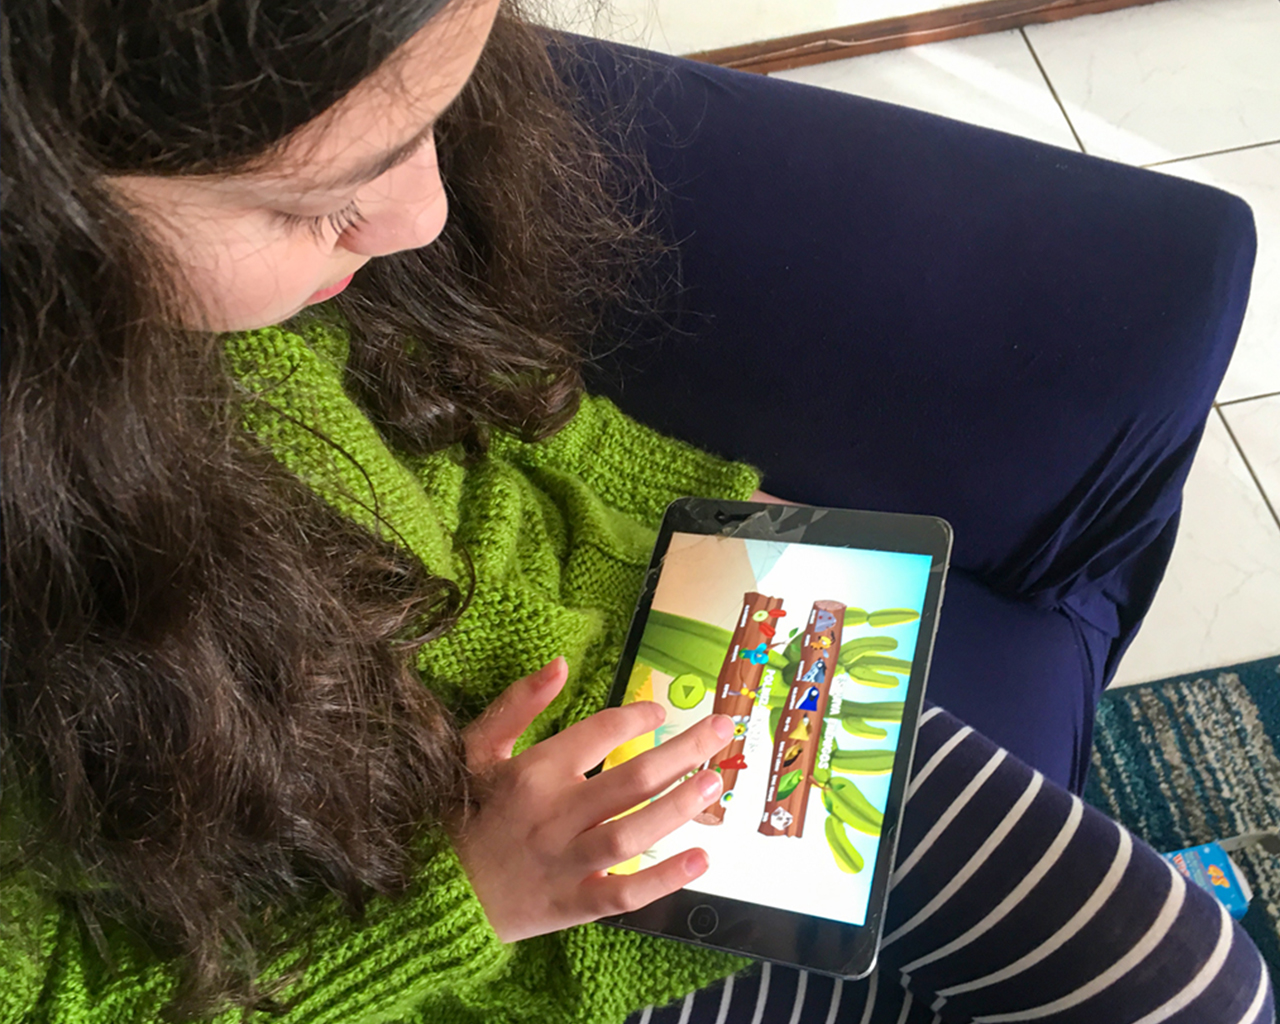 Analizan impacto de los videojuegos en la educación